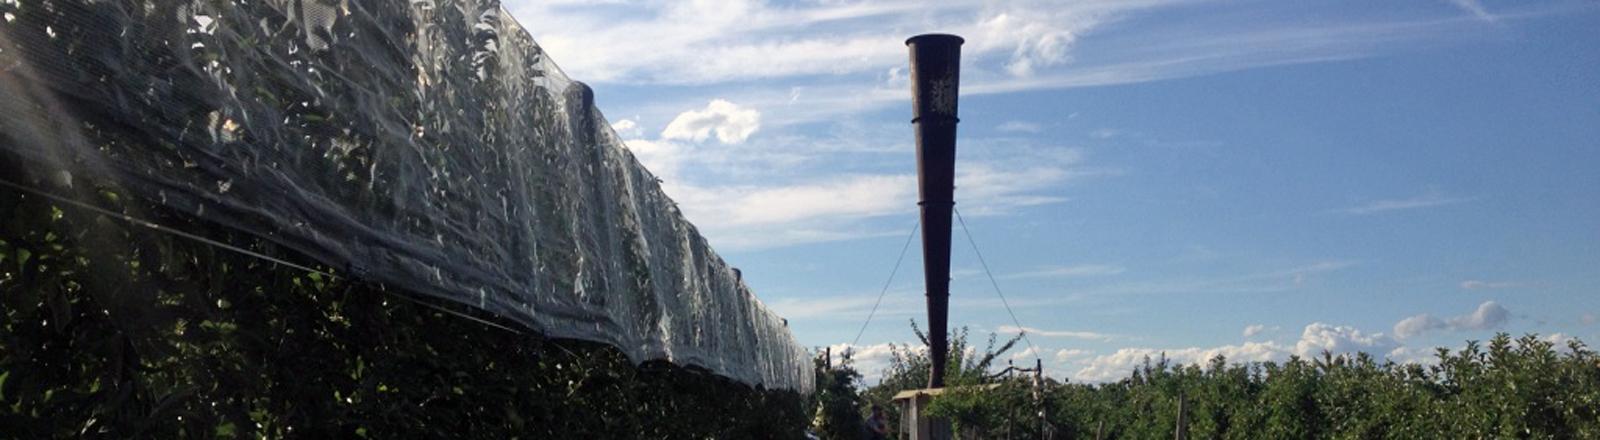 Eine Hagelkanone am Bodensee